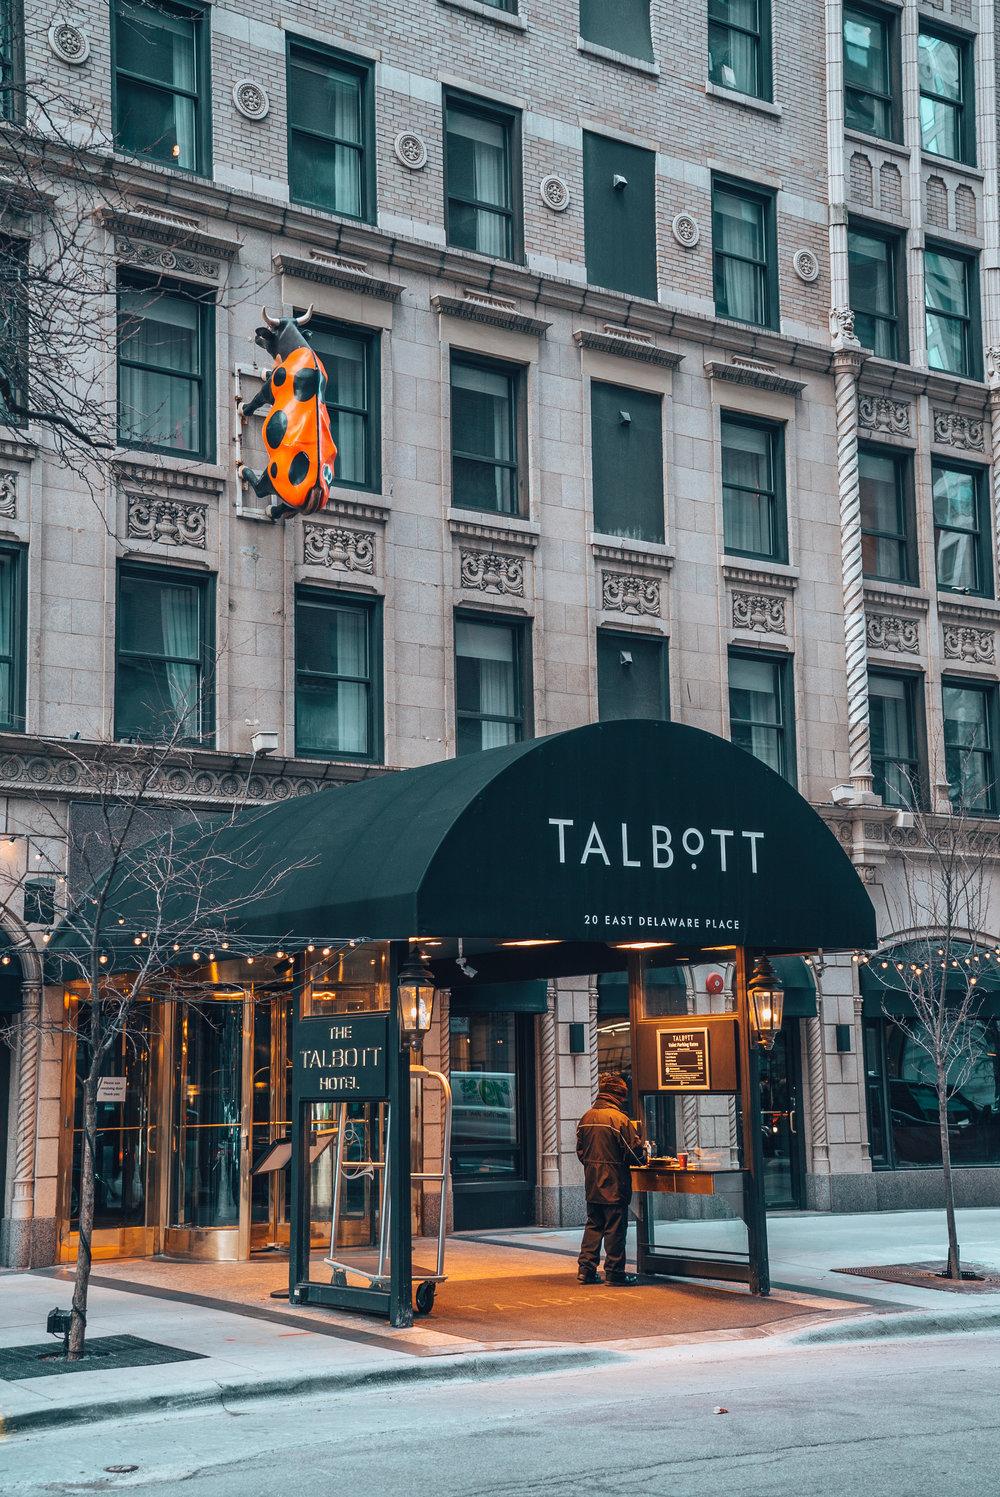 The Talbott Hotel